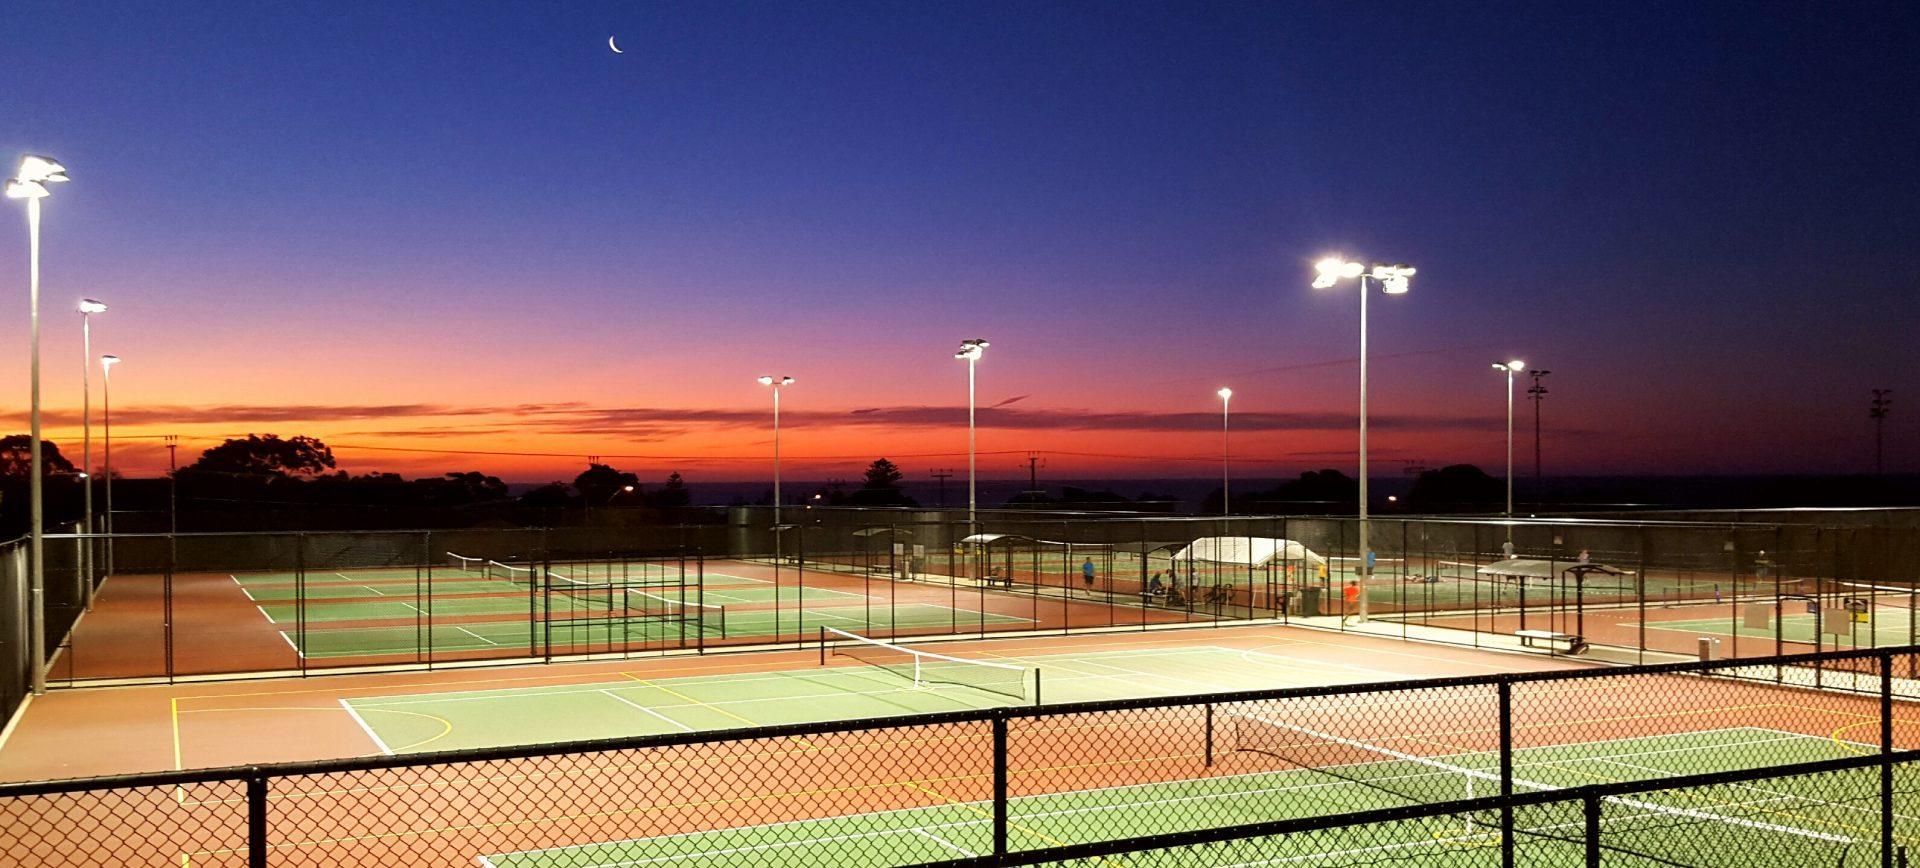 Seacliff Tennis Club